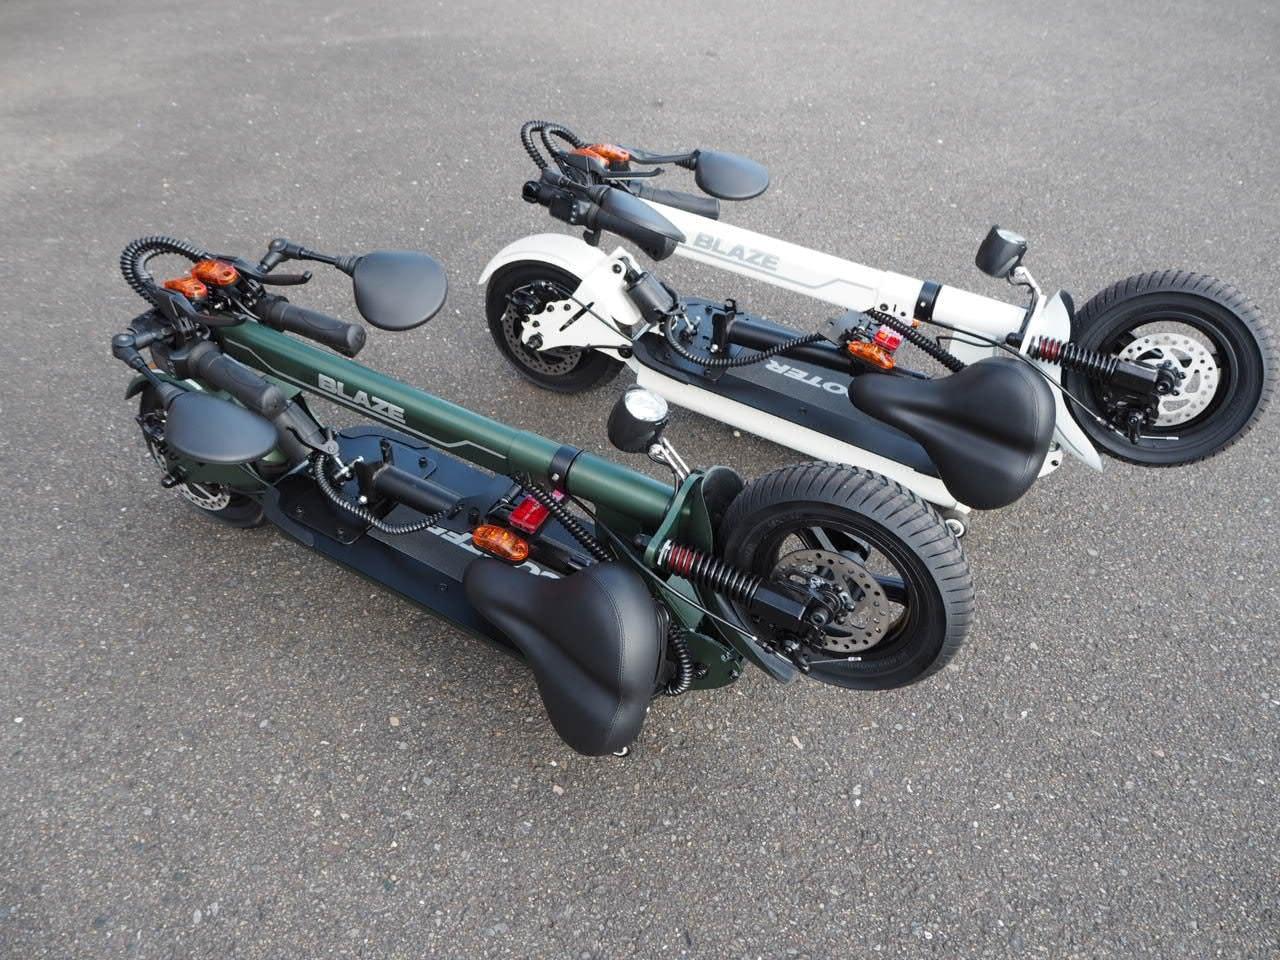 100%電気で動く折畳み可能な電動バイク ブレイズEVスクーター(ワインレッド色)【現金払い・銀行振り込み専用チケット】のイメージその2